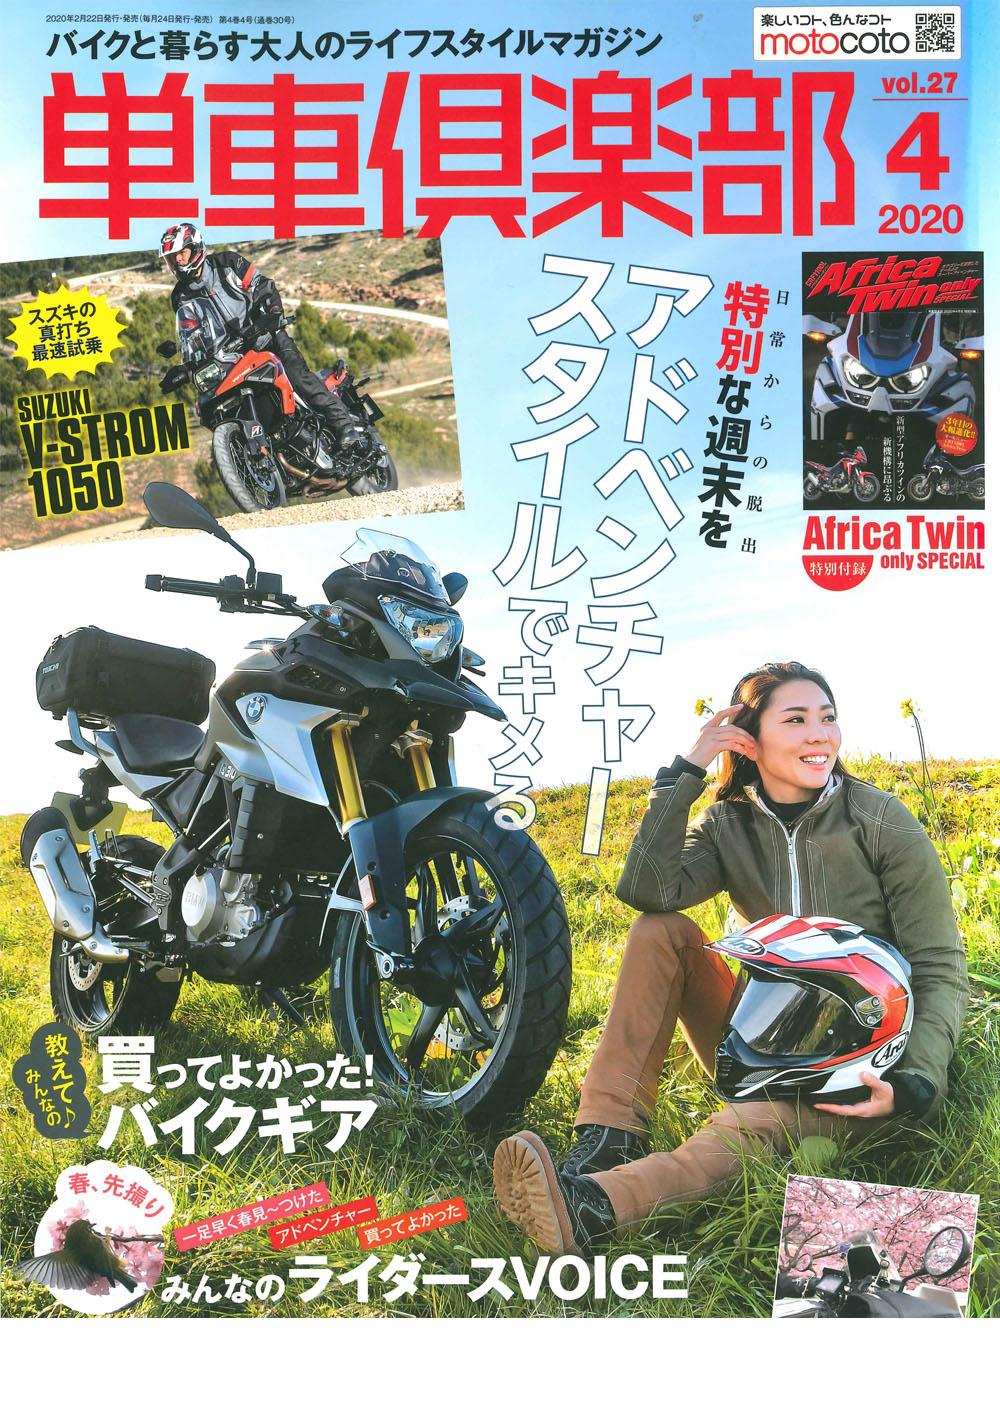 【単車倶楽部 4月号掲載】 B+COM最新モデル『B+COM ONE』